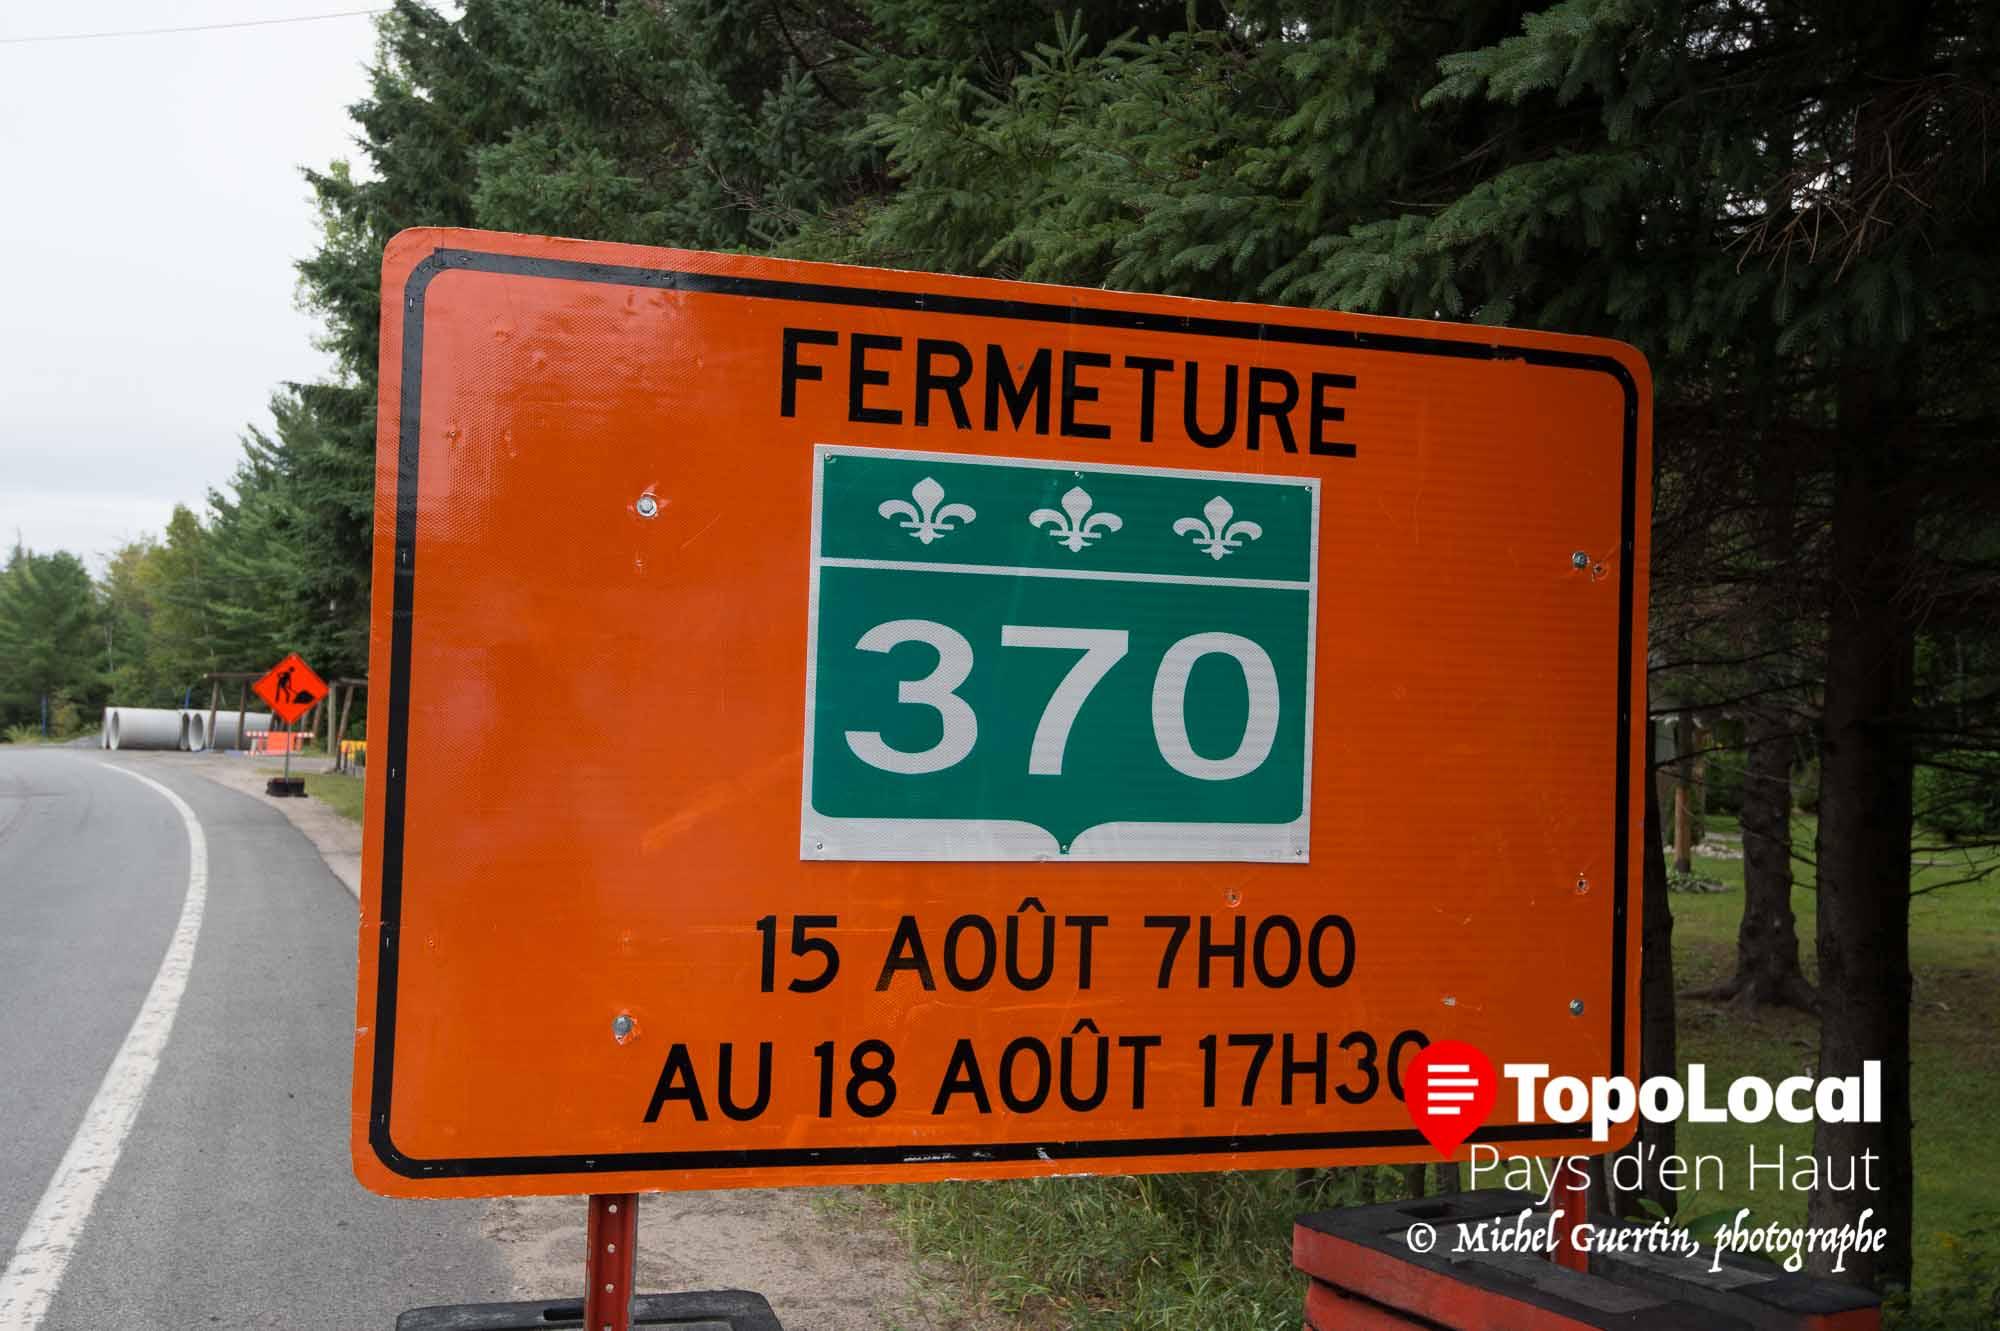 20160813-sainte-adele-travaux-publics-routes-barrees-detours